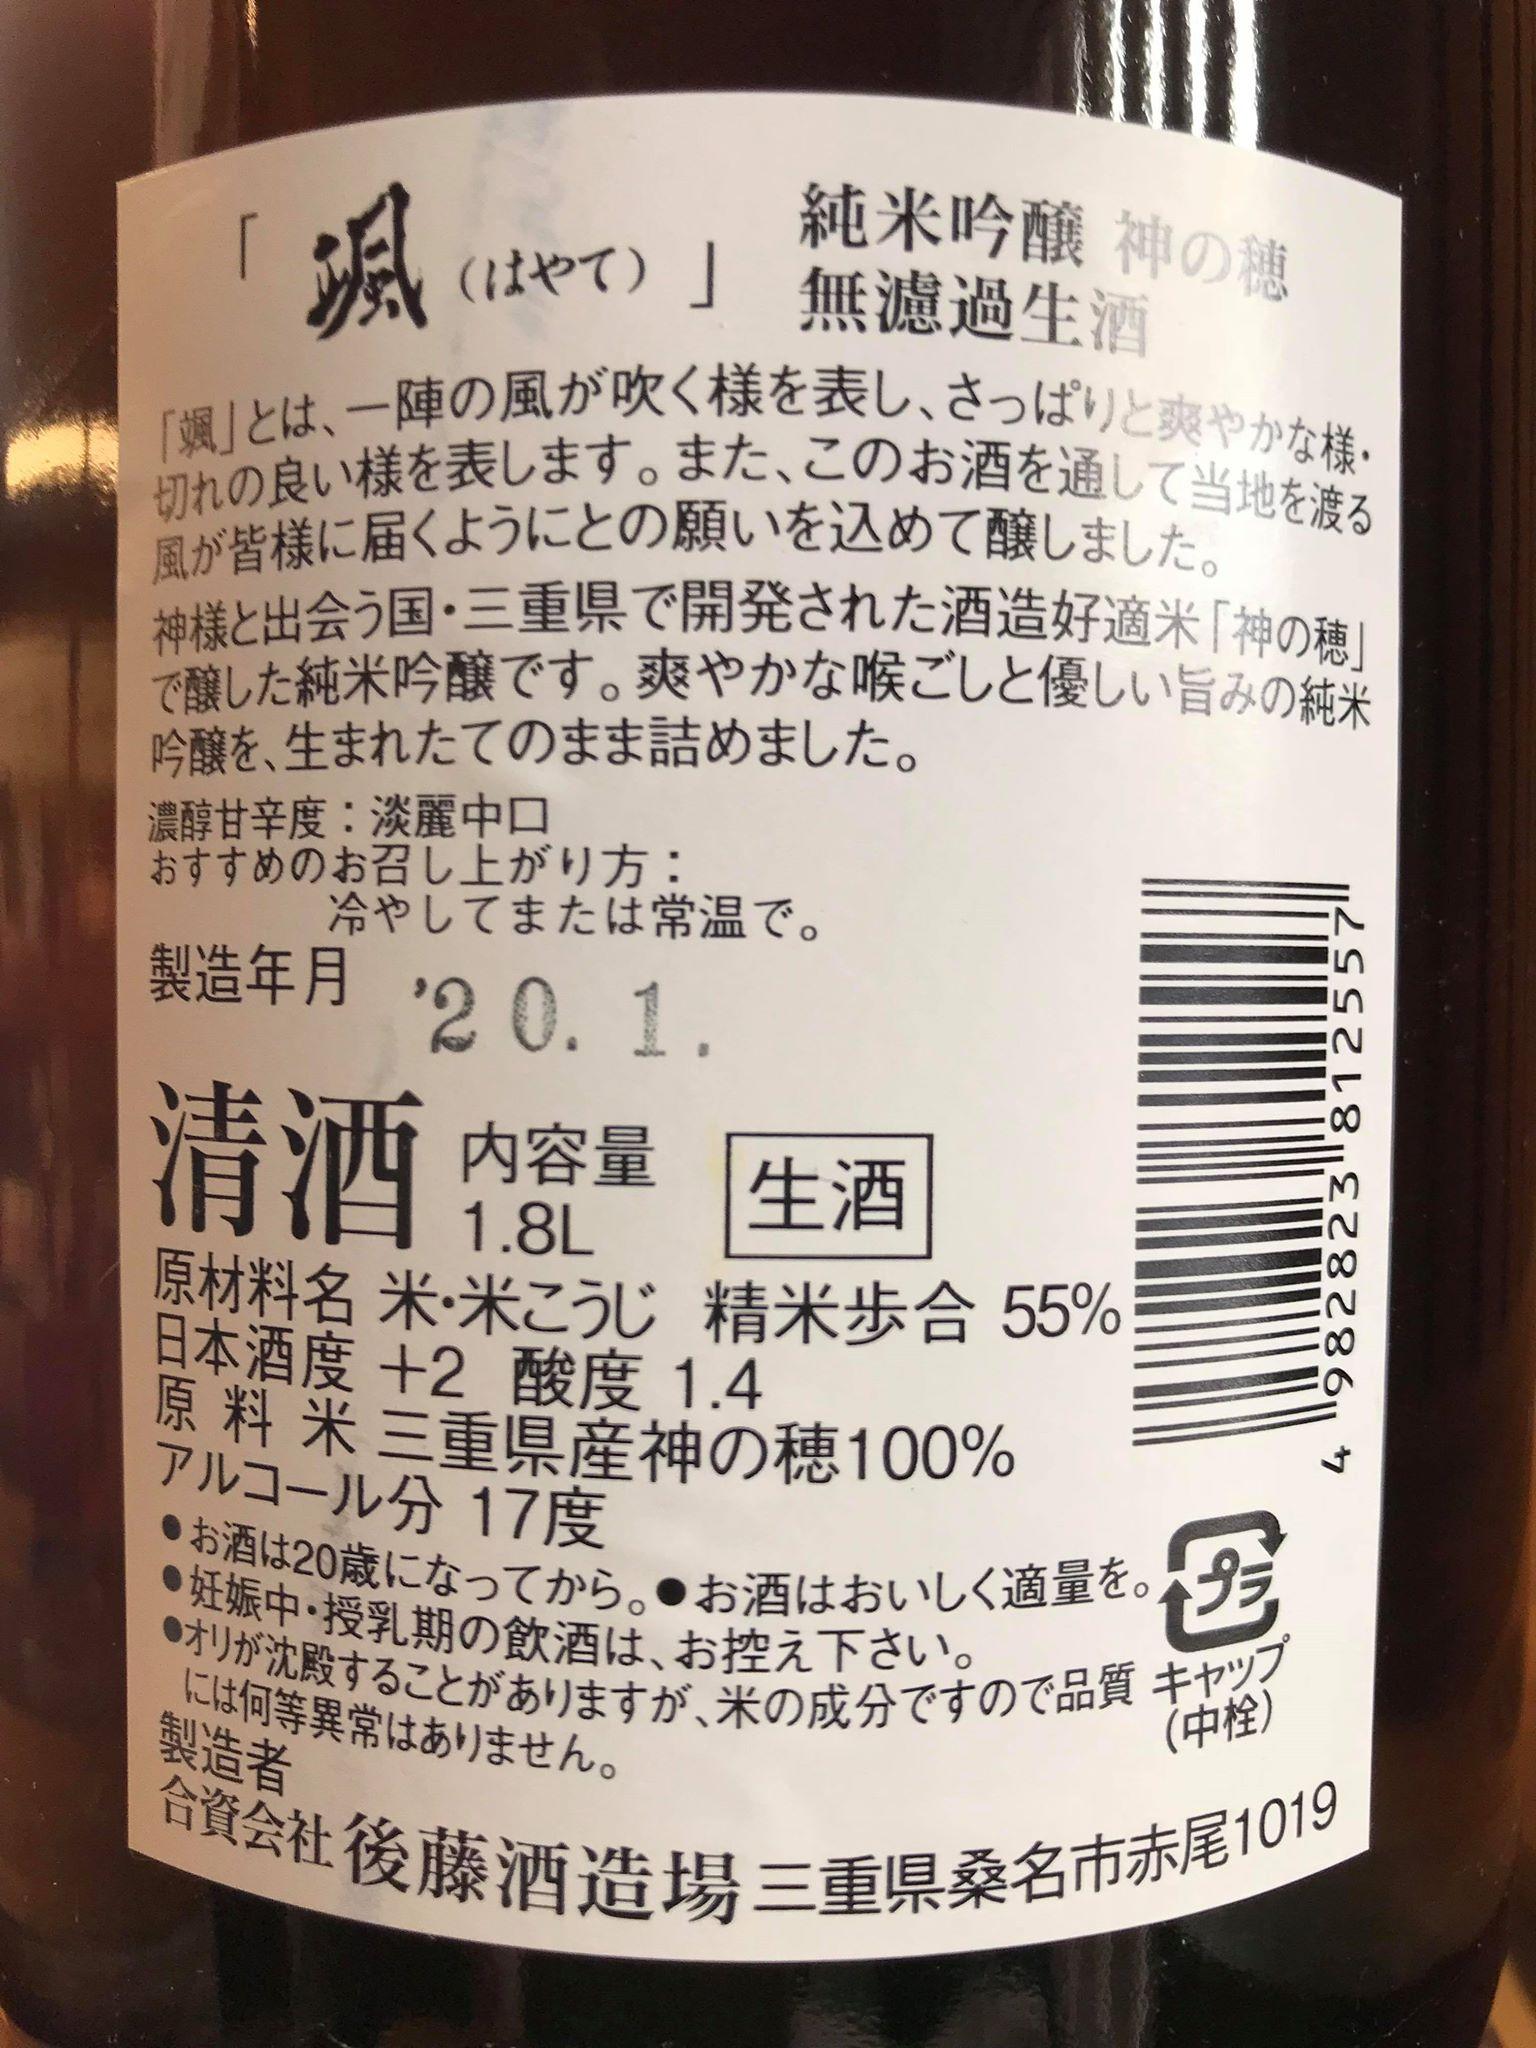 【日本酒】颯-HAYATE- 純米吟醸 無濾過生原酒 三重産神の穂55磨き 限定 新酒令和1BY🆕_e0173738_1395799.jpg